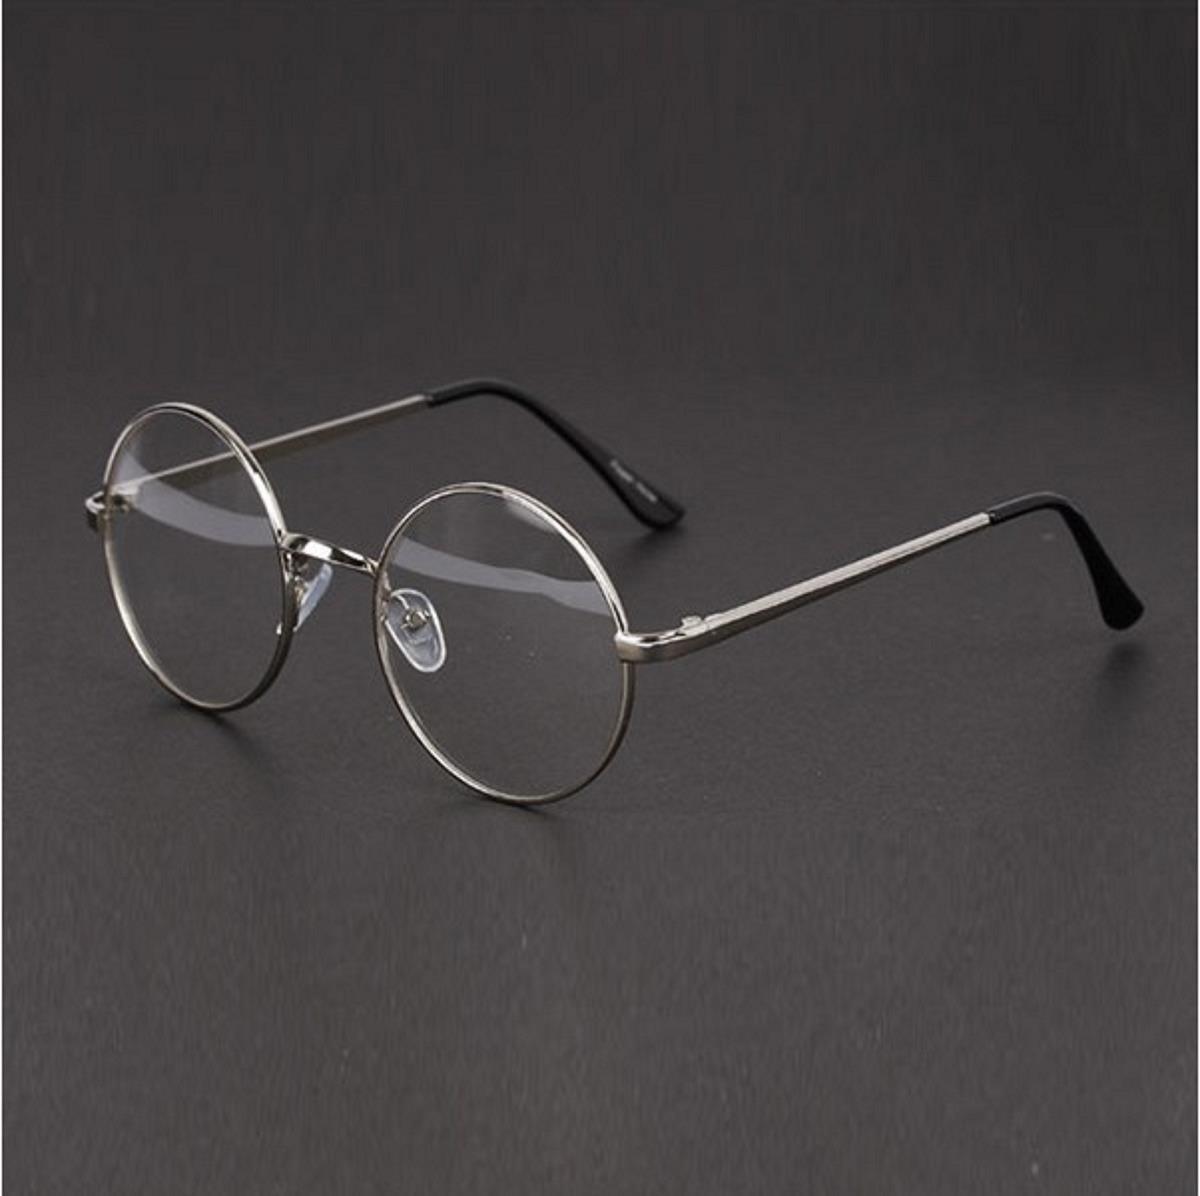 armação óculos grau redondo lennon retro lentes transparente. Carregando  zoom. 52f13b5afc